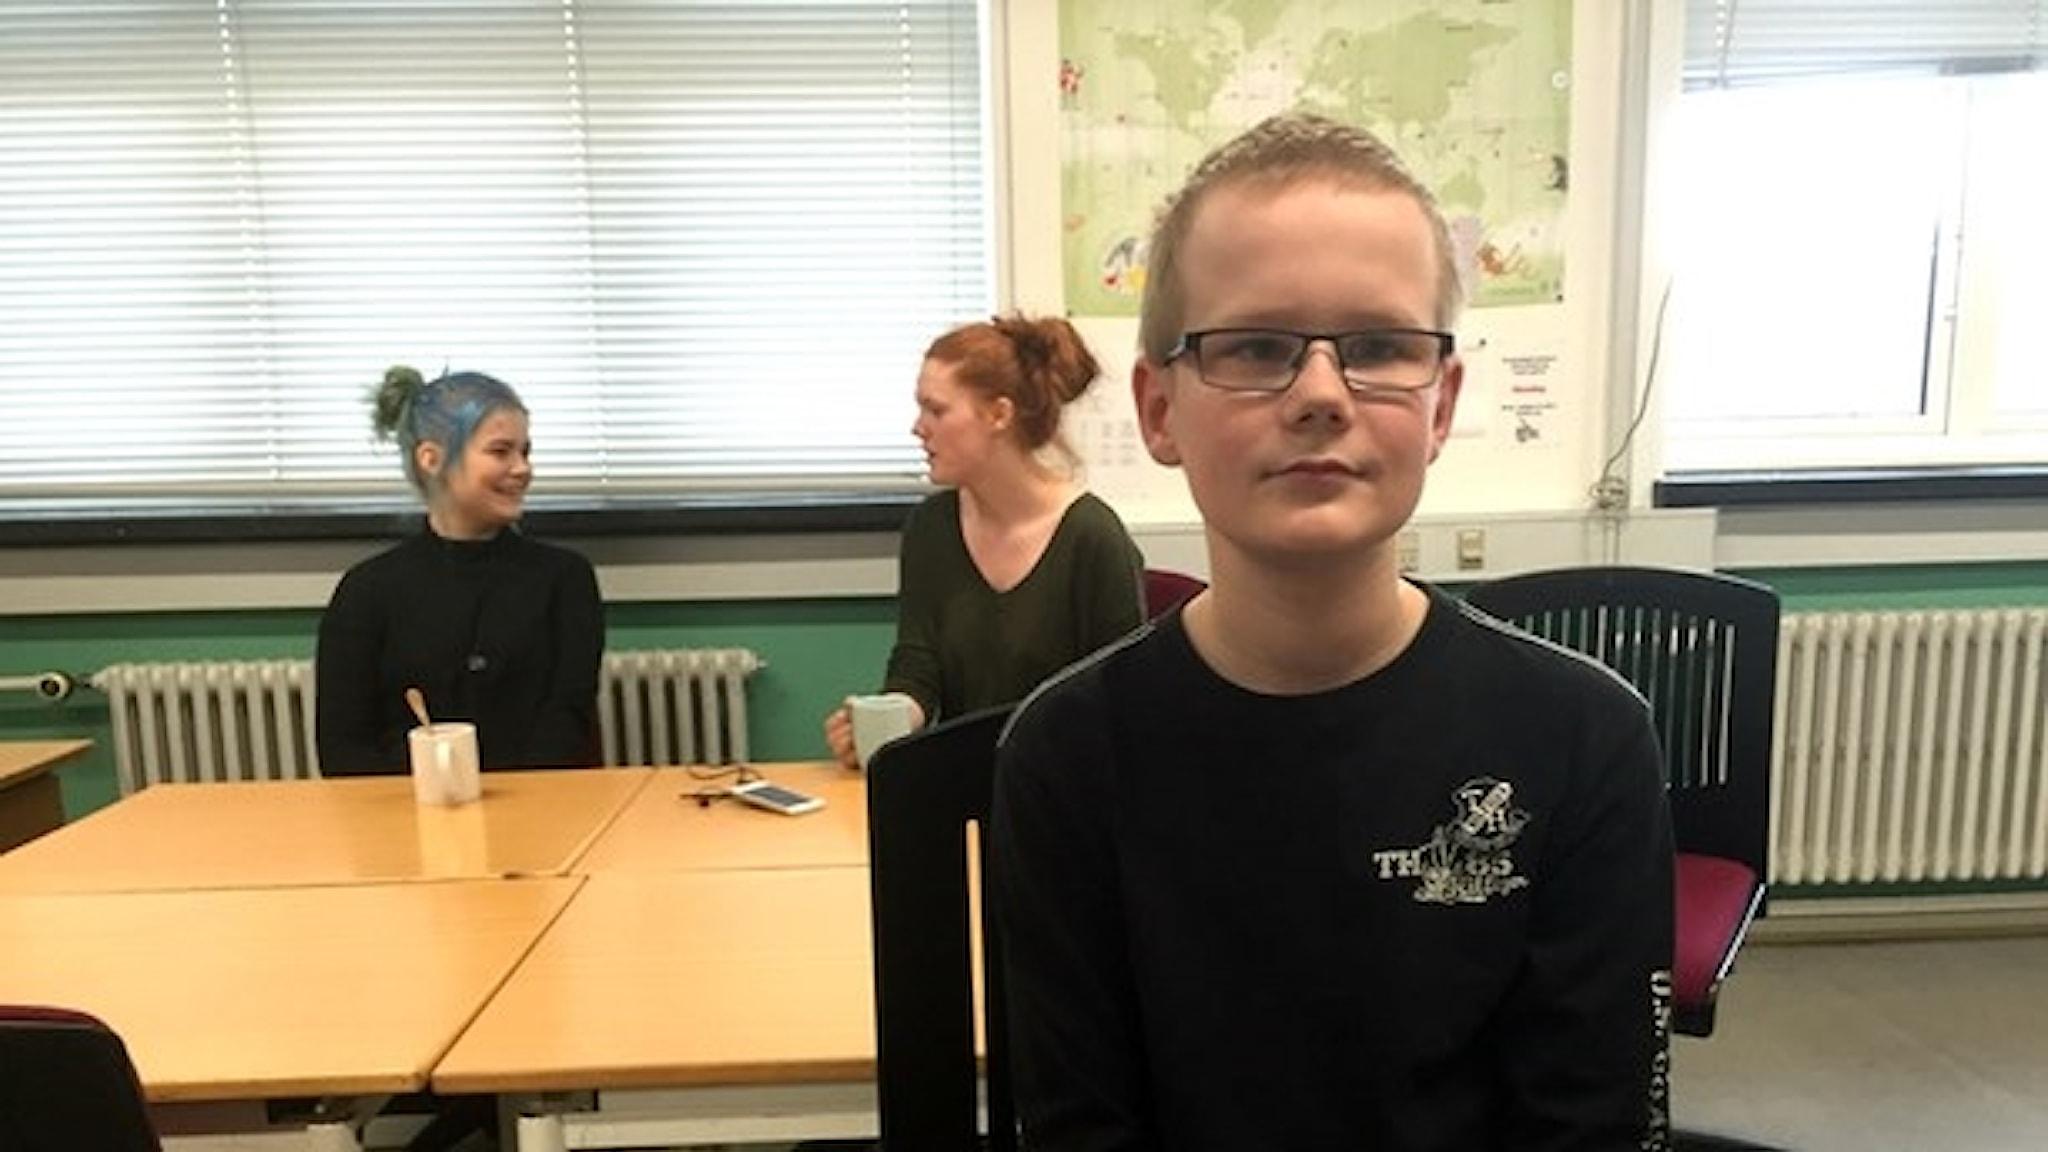 Efter att ha haft problem i den vanliga skolan har Kasper nu funnit sig till rätta på skolan Mentiqa i Danmark, en skola för barn med särskilt begåvning.